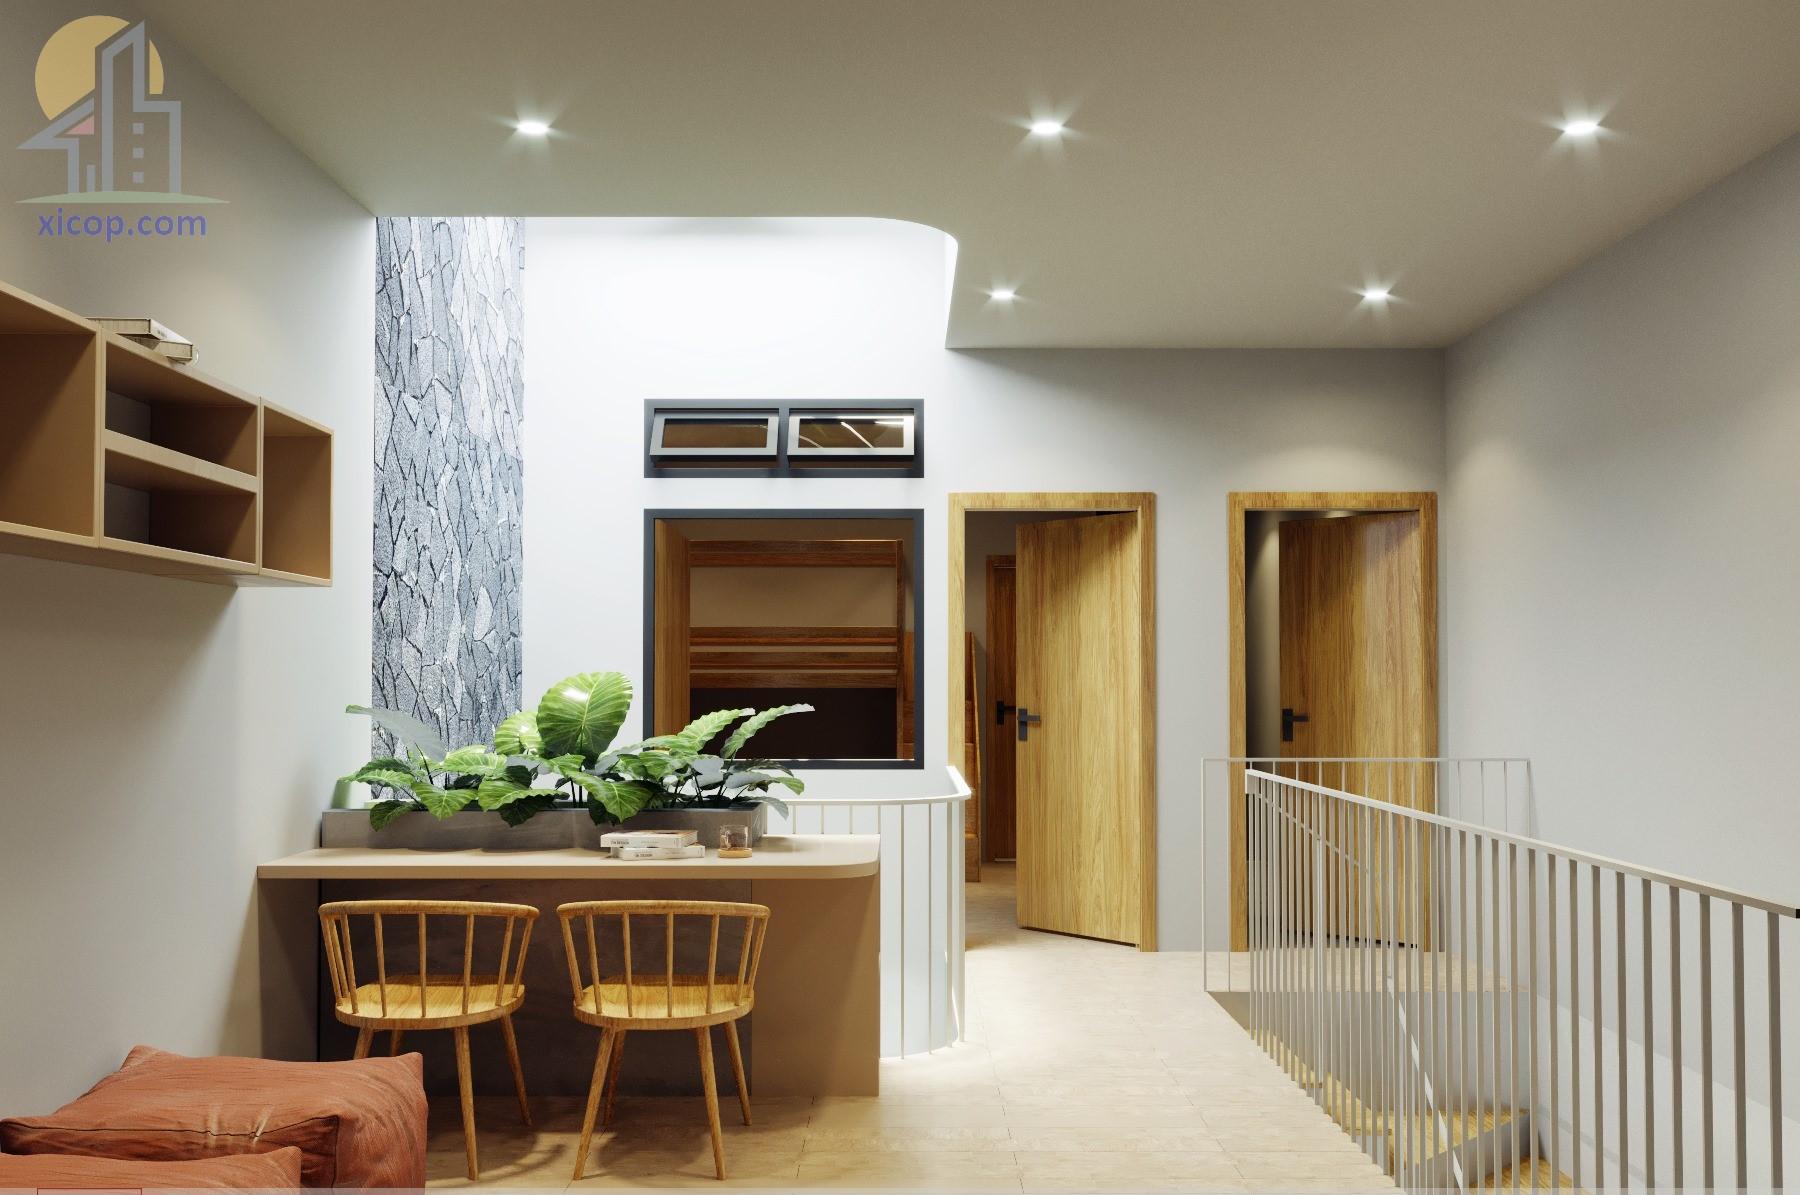 Mẫu nhà 3 tầng mặt tiền 5m đẹp hiện đại kiểu nhà ống đơn giản